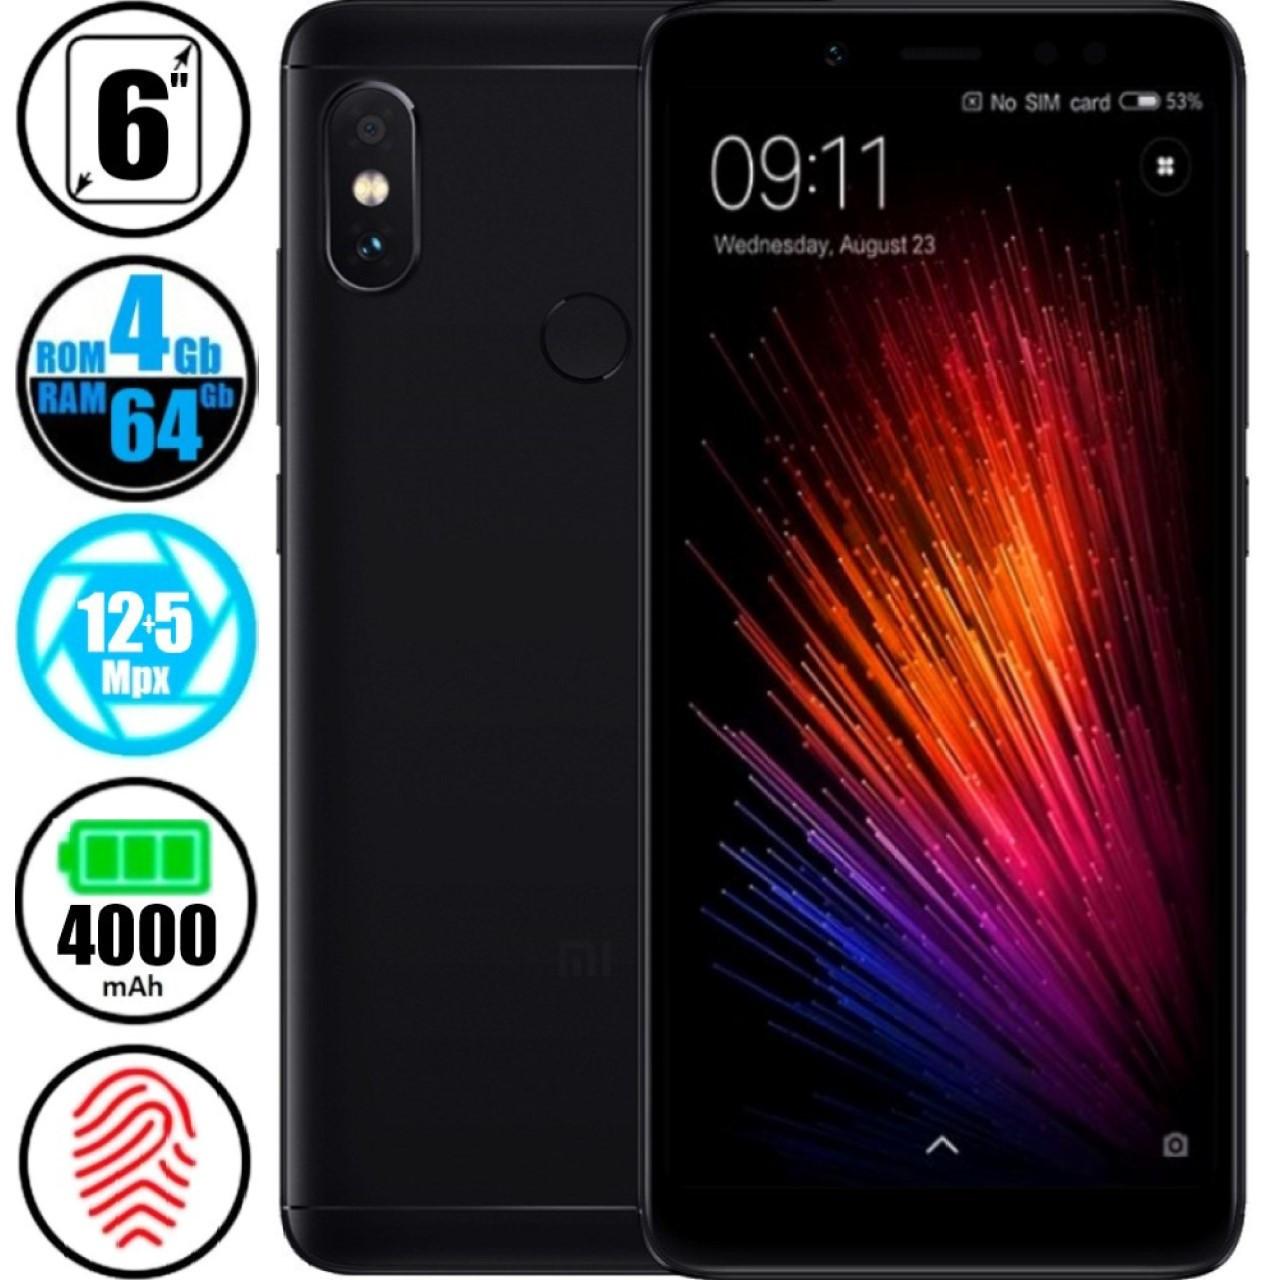 Смартфон Xiaomi Redmi Note 5 (4/64Gb) Black - Global Version